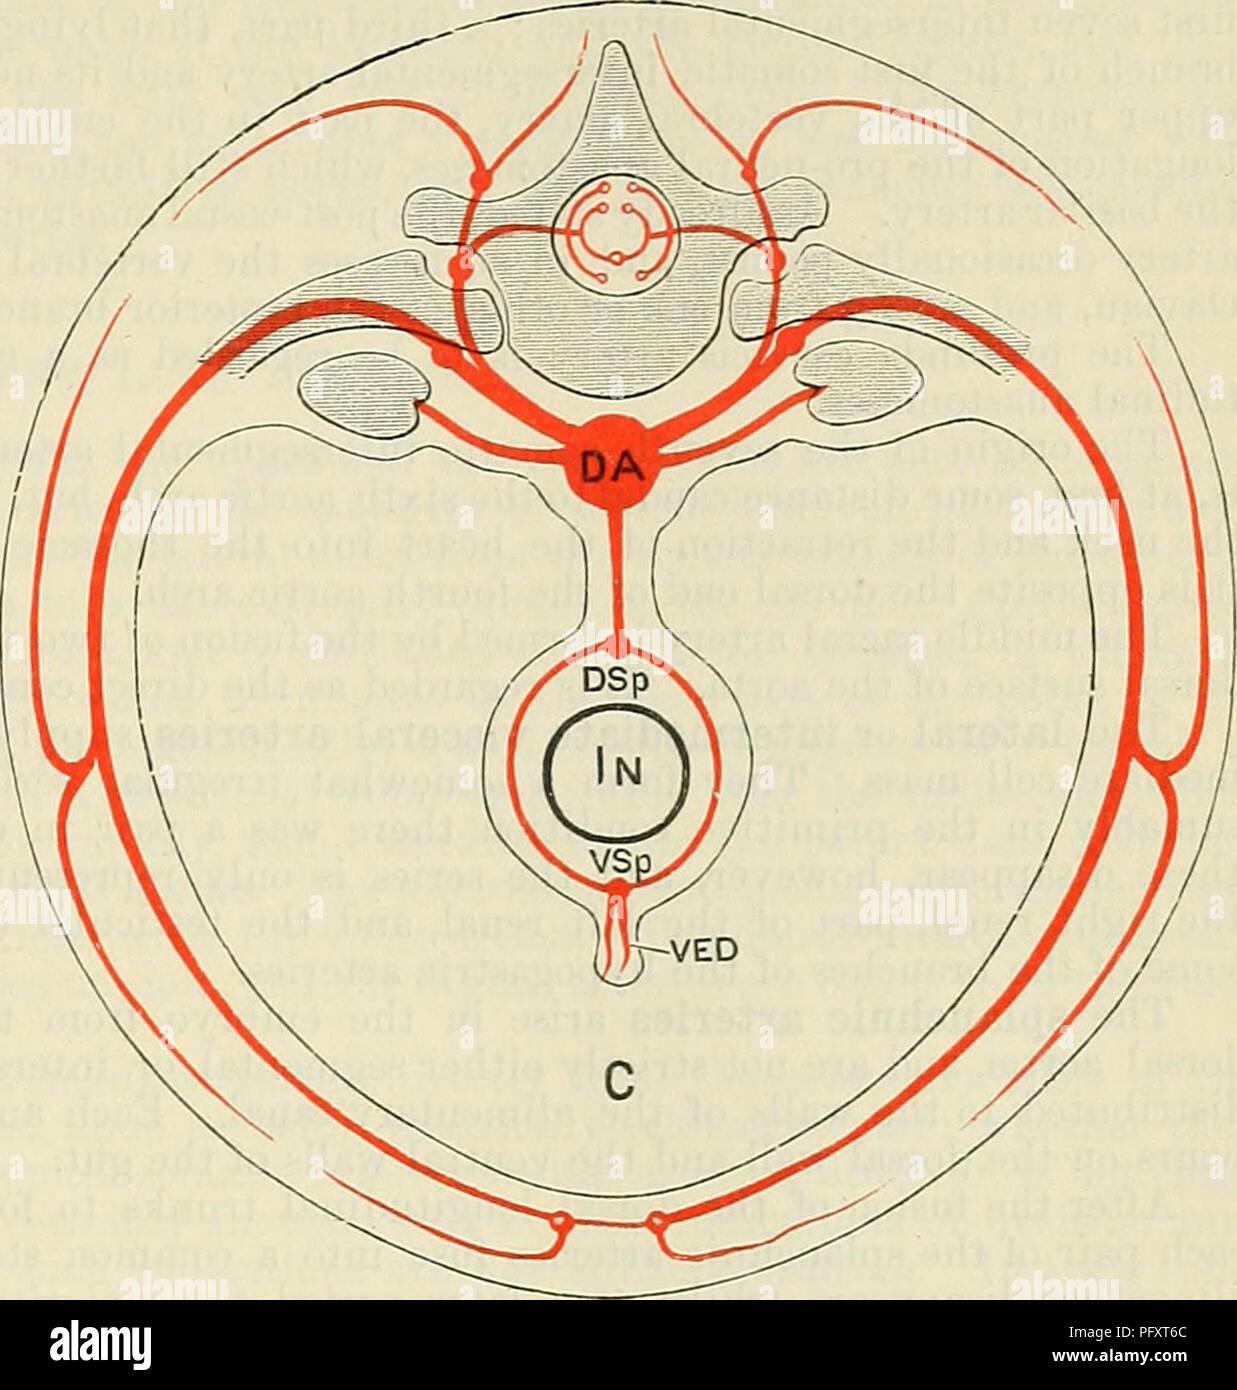 Cunninghams Lehrbuch der Anatomie. Anatomie. Die segmentale Arterien ...